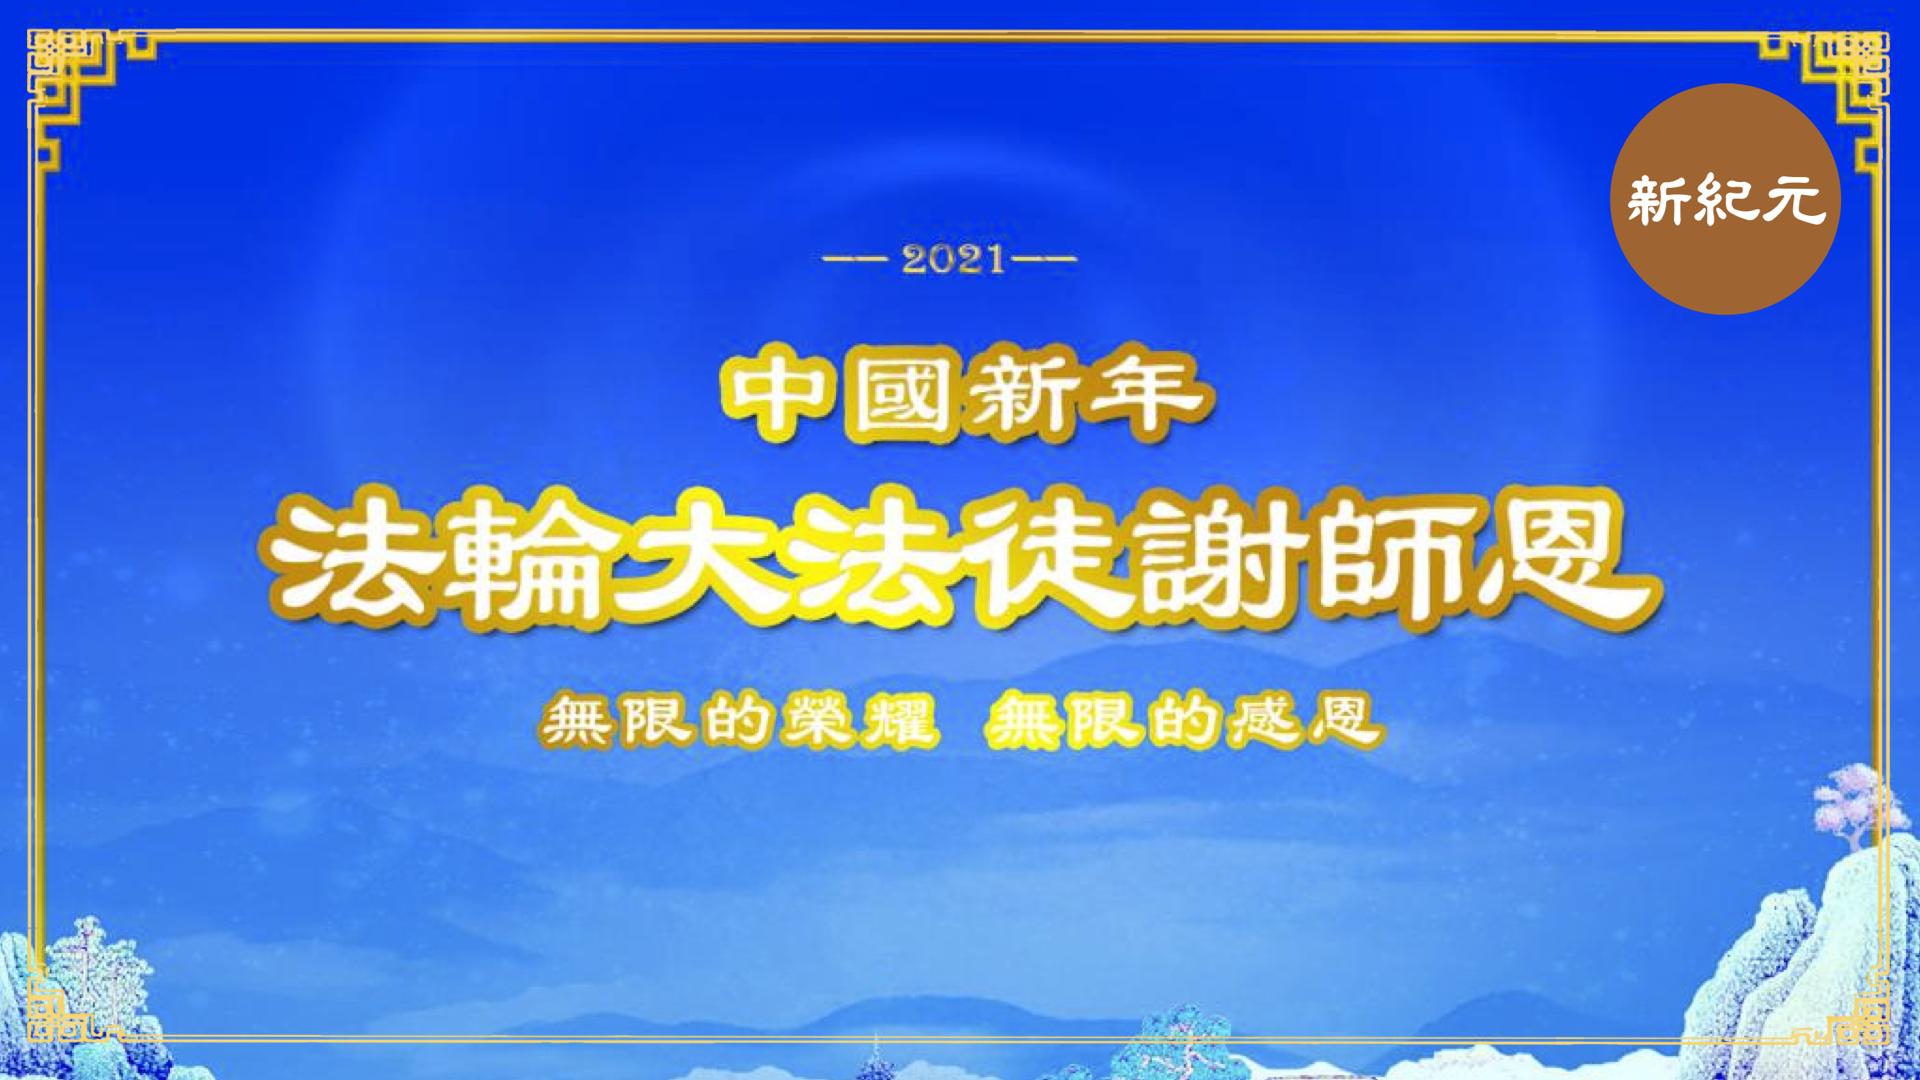 《談節說文》2021中國新年 法輪大法徒謝師恩(第三十七集)|#新紀元